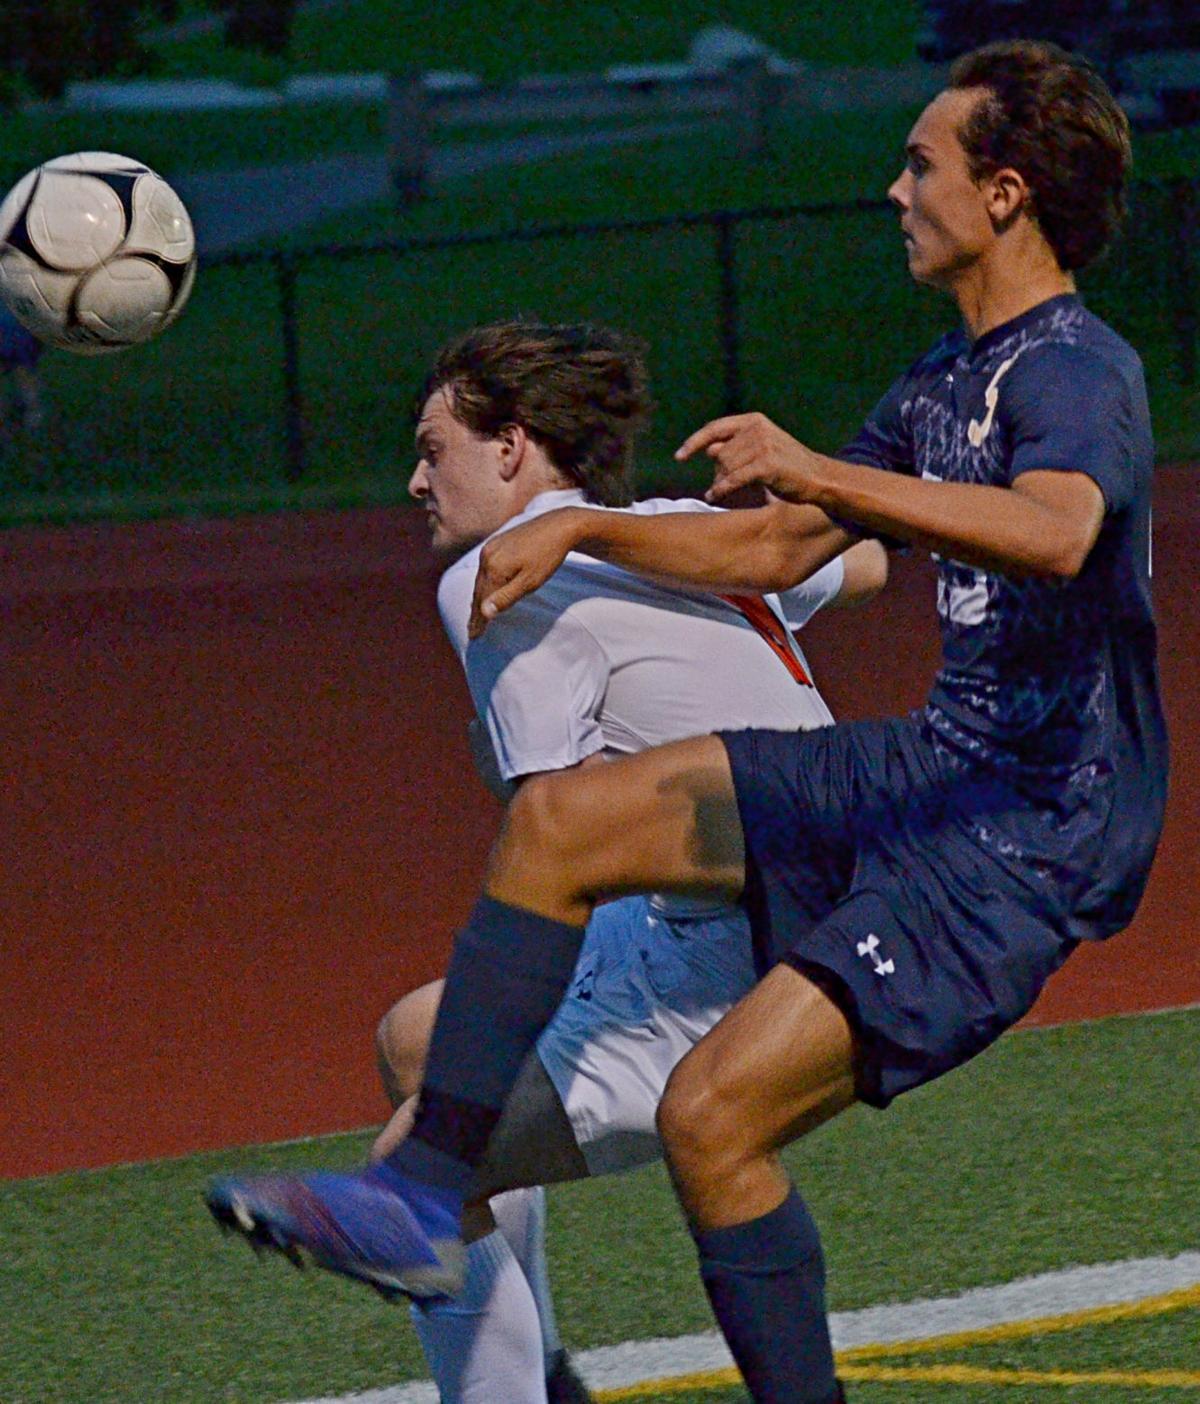 Boys soccer - Skaneateles vs. Solvay - 3